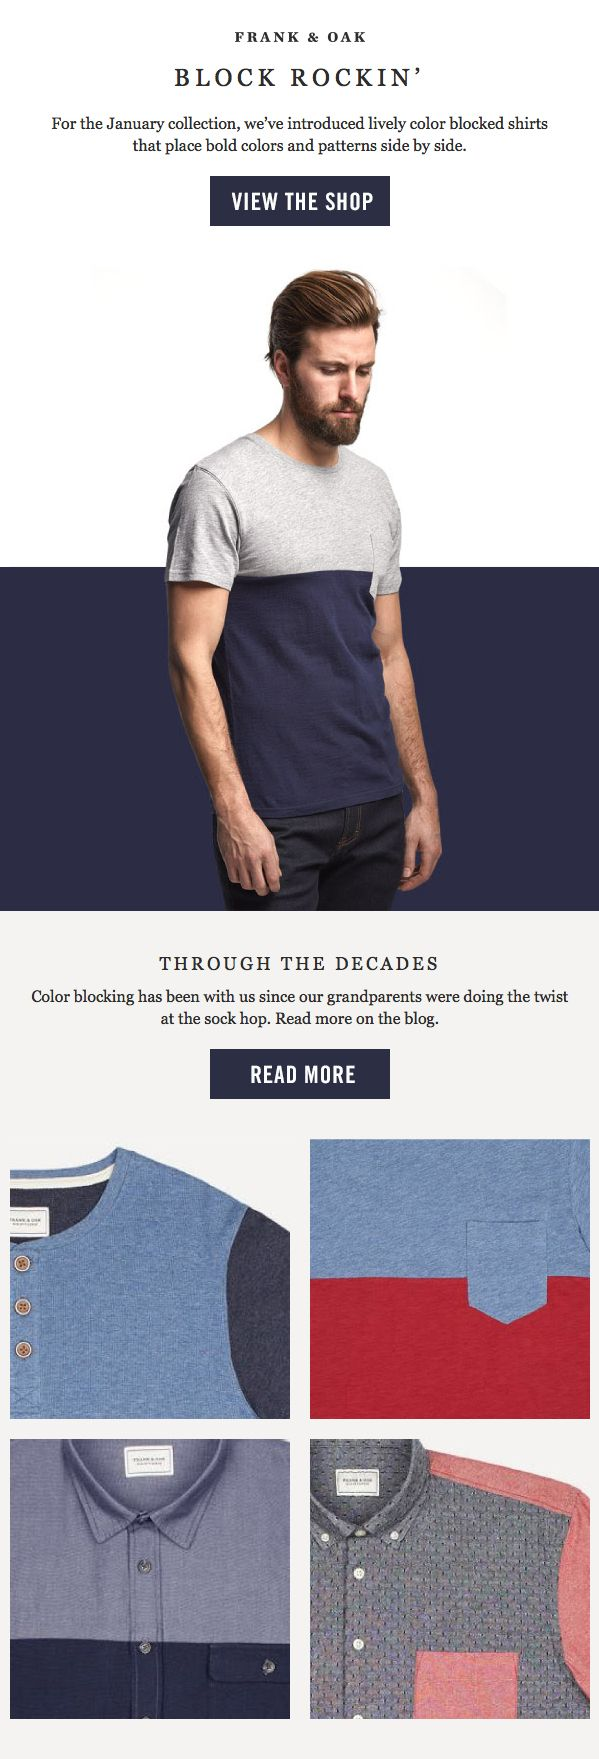 Frank & Oak : Trend + Color Blocking : Email design #emailmarketing…